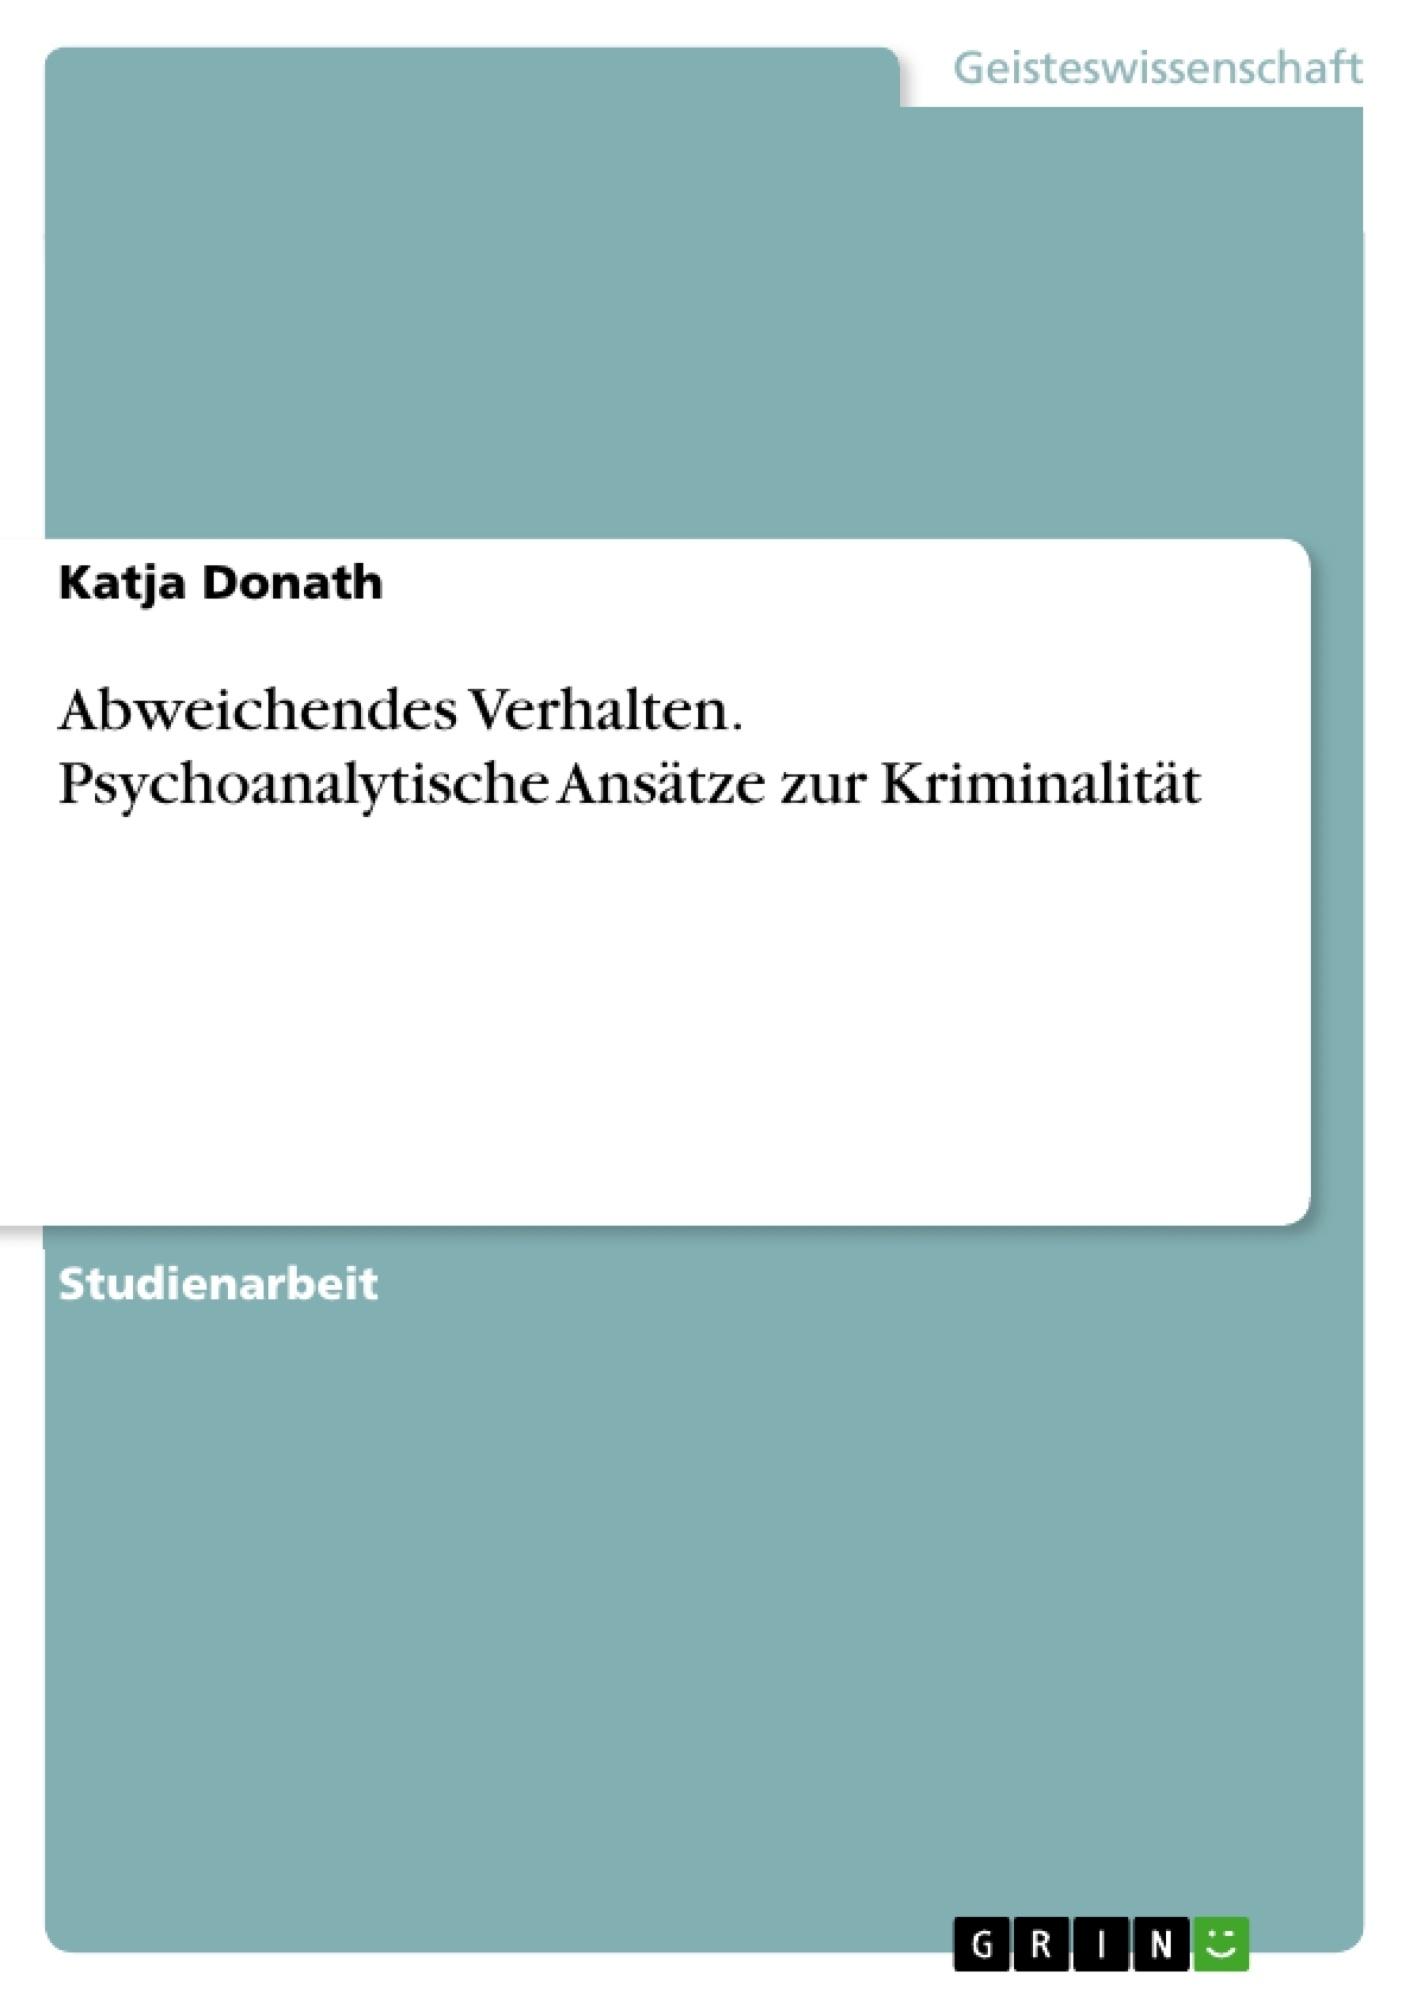 Titel: Abweichendes Verhalten. Psychoanalytische Ansätze zur Kriminalität